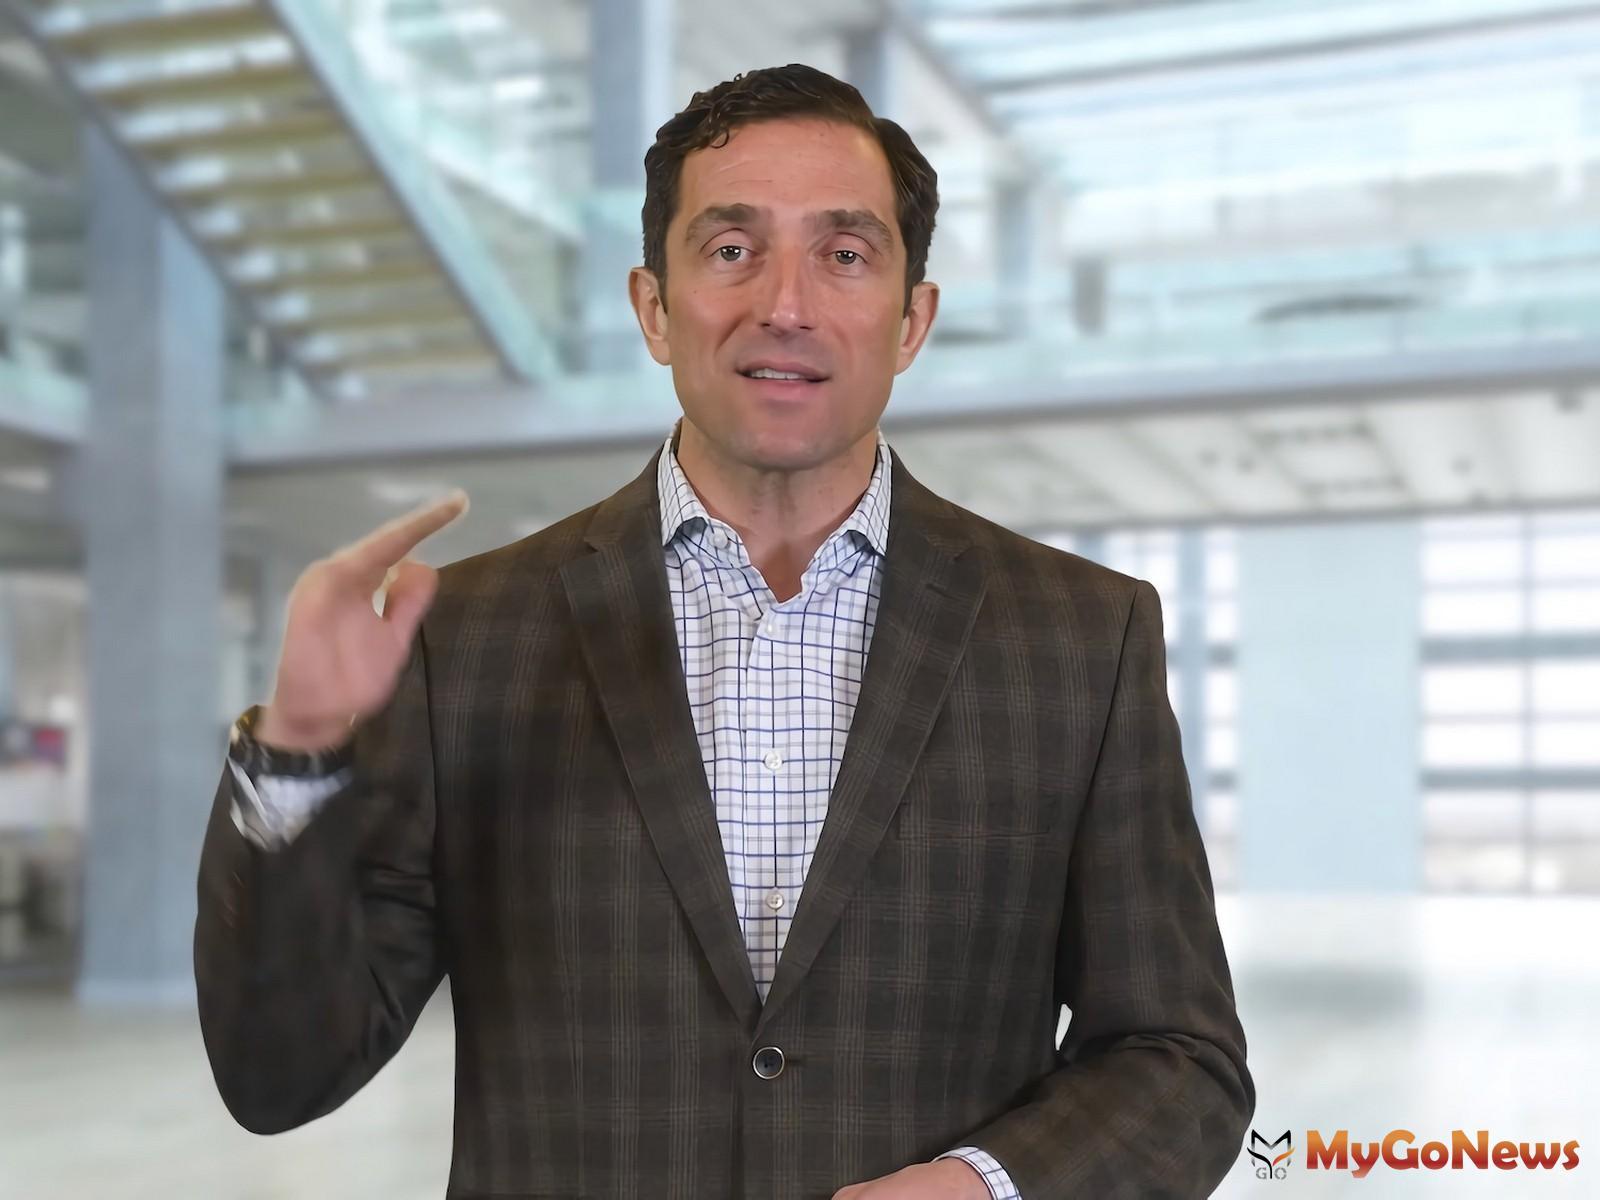 21世紀不動產全球總裁兼首席執行官Mike Miedler建議消費者應投資時間挑選合格的仲介(圖:21世紀不動產)  MyGoNews房地產新聞 市場快訊